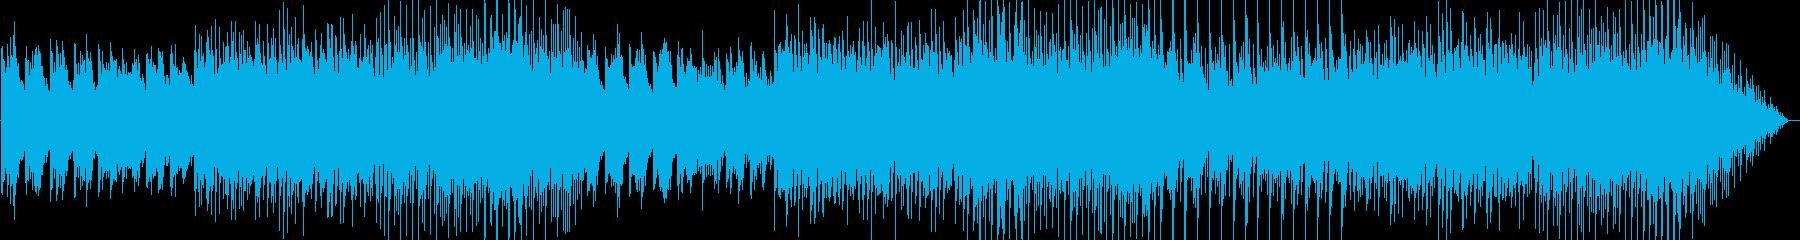 森林を歩いているイメージのワルツの再生済みの波形